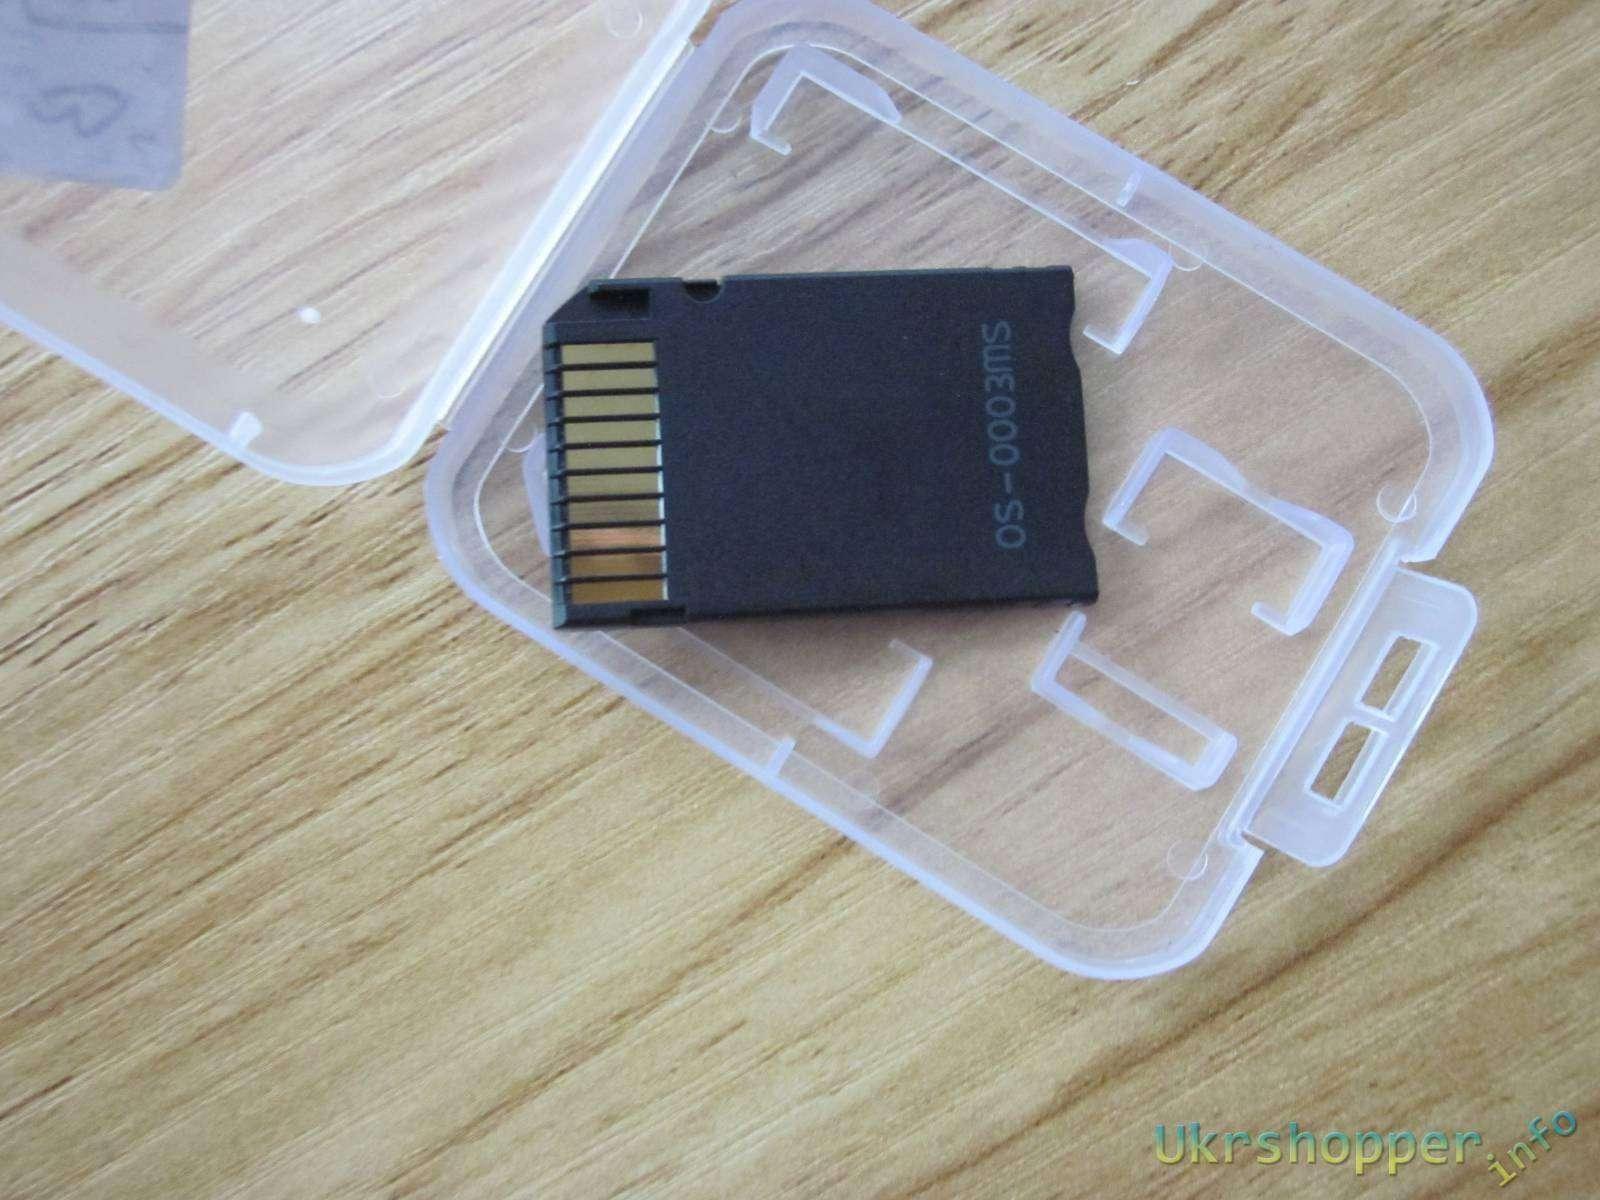 Aliexpress: Переходник для microSD в формфактор MS Pro Duo